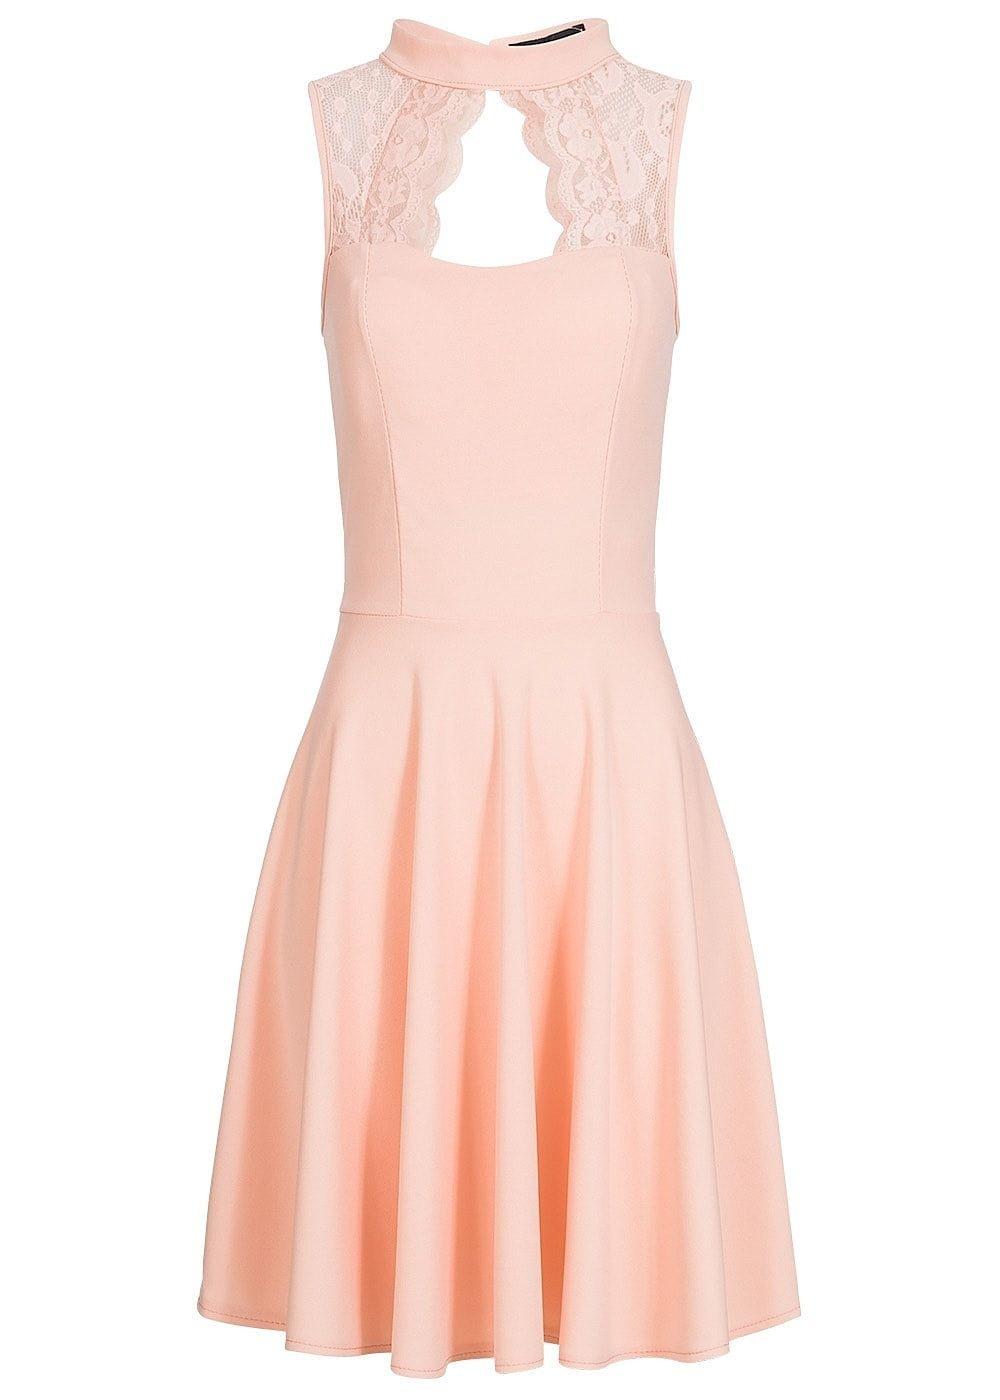 Formal Einfach Kleid Spitze Bester Preis10 Coolste Kleid Spitze Boutique